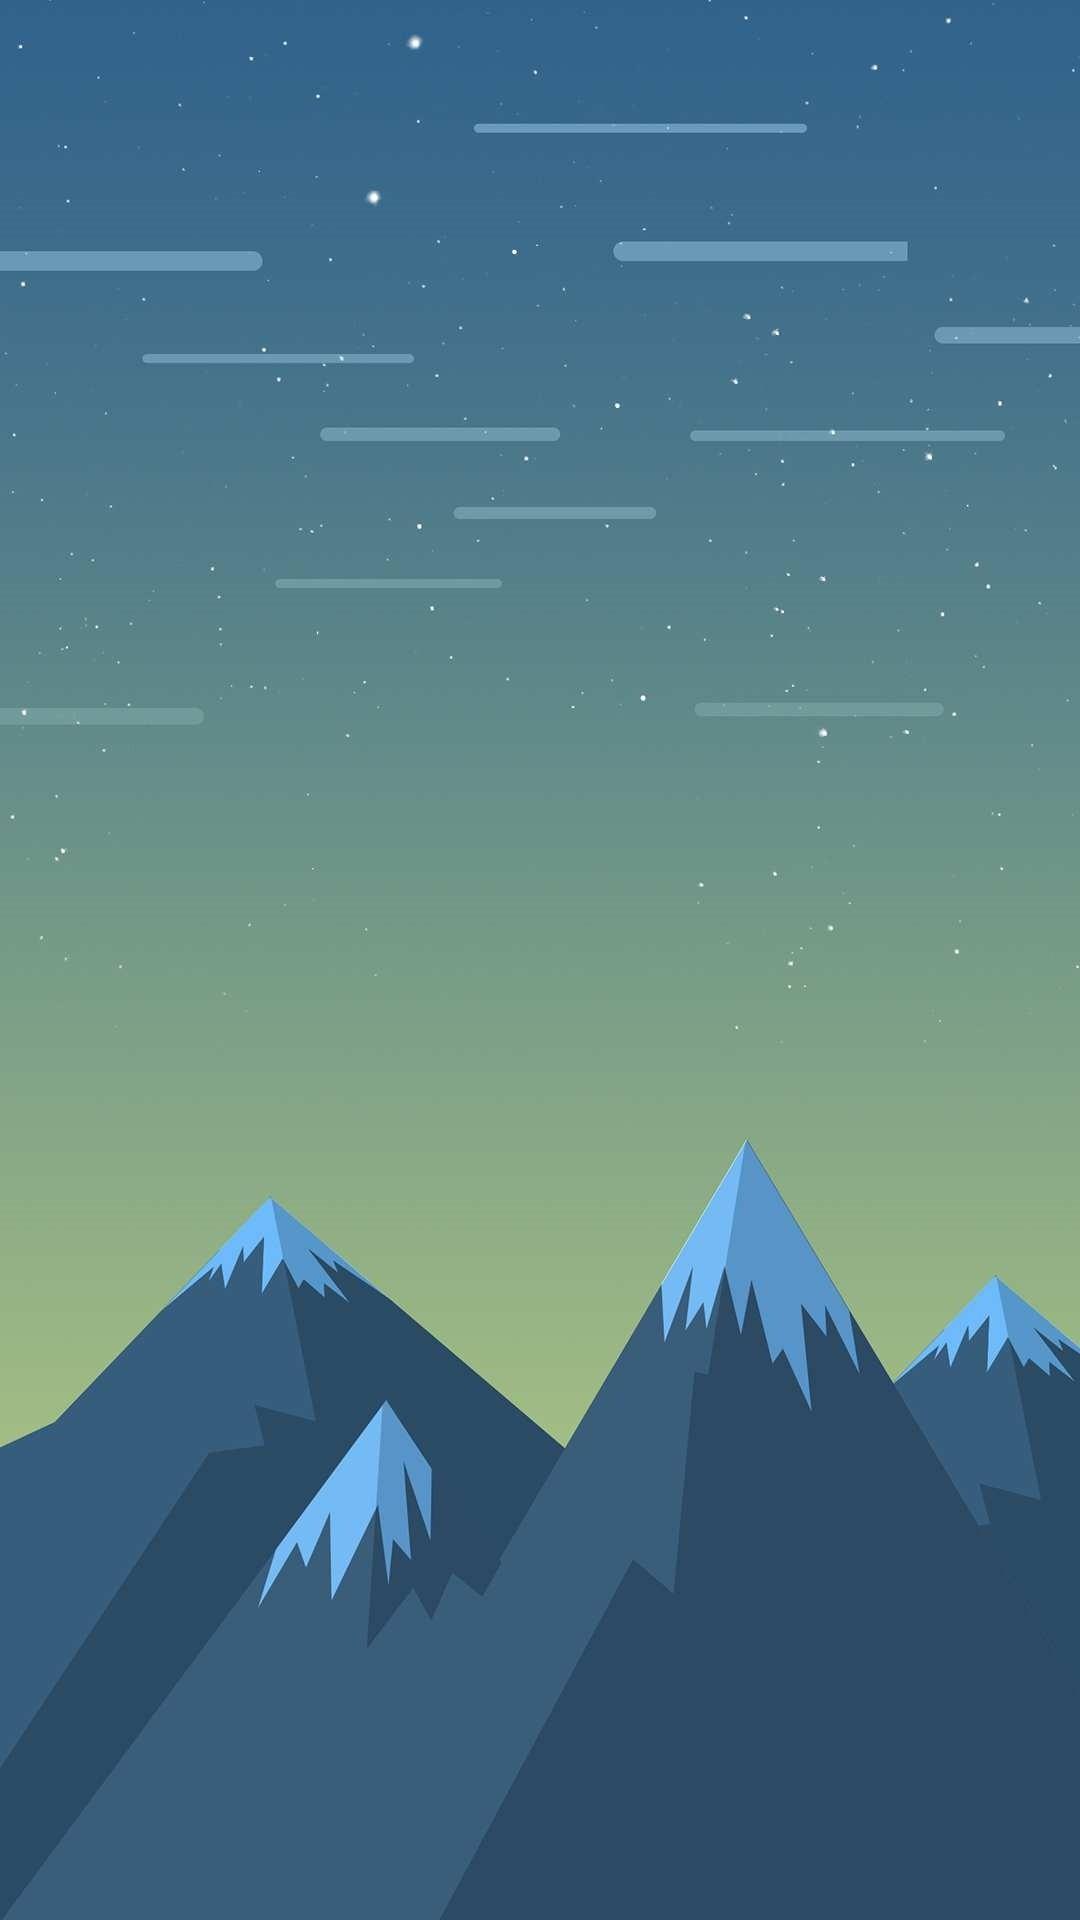 Minimalist iPhone hd wallpaper